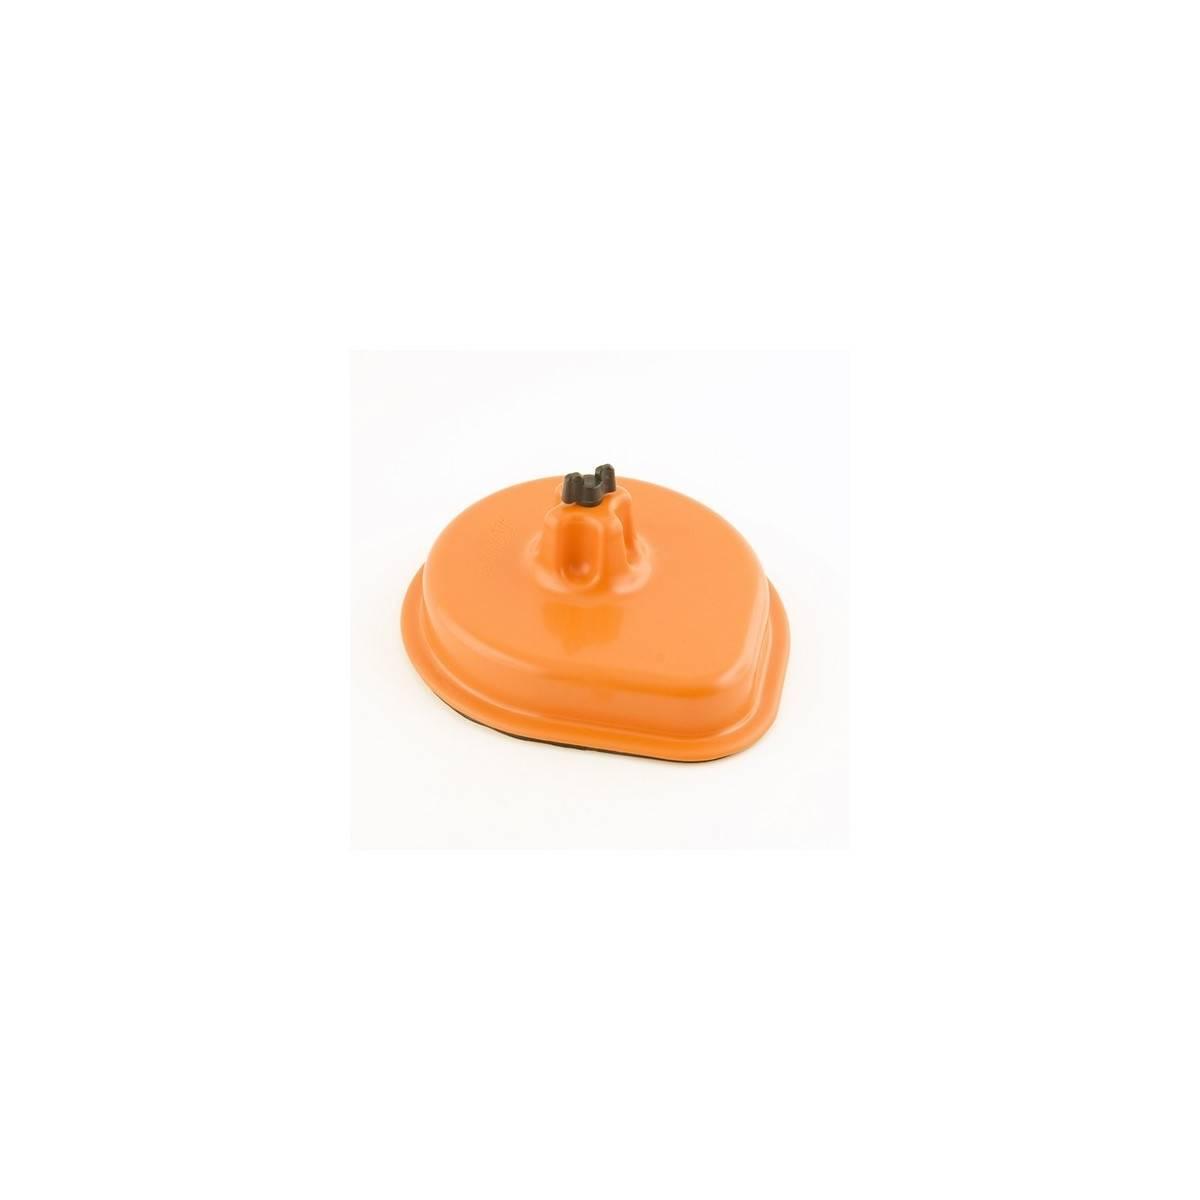 160084 - Tapa Caja Filtro Twibn Air Kxf 06 16